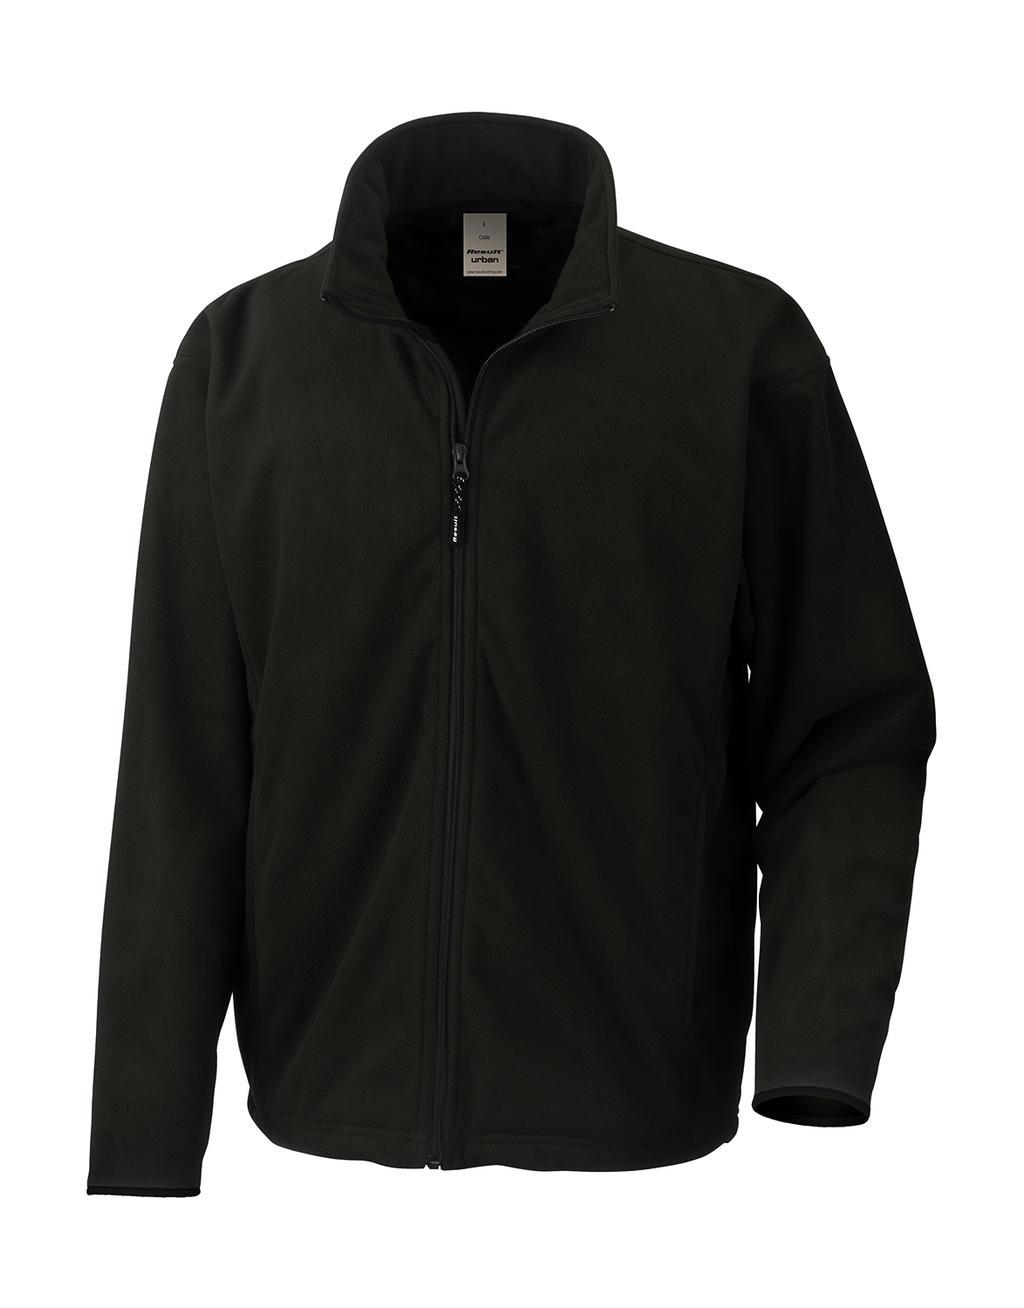 Vodìvzdorná fleecová bunda Climate Stopper - zvìtšit obrázek